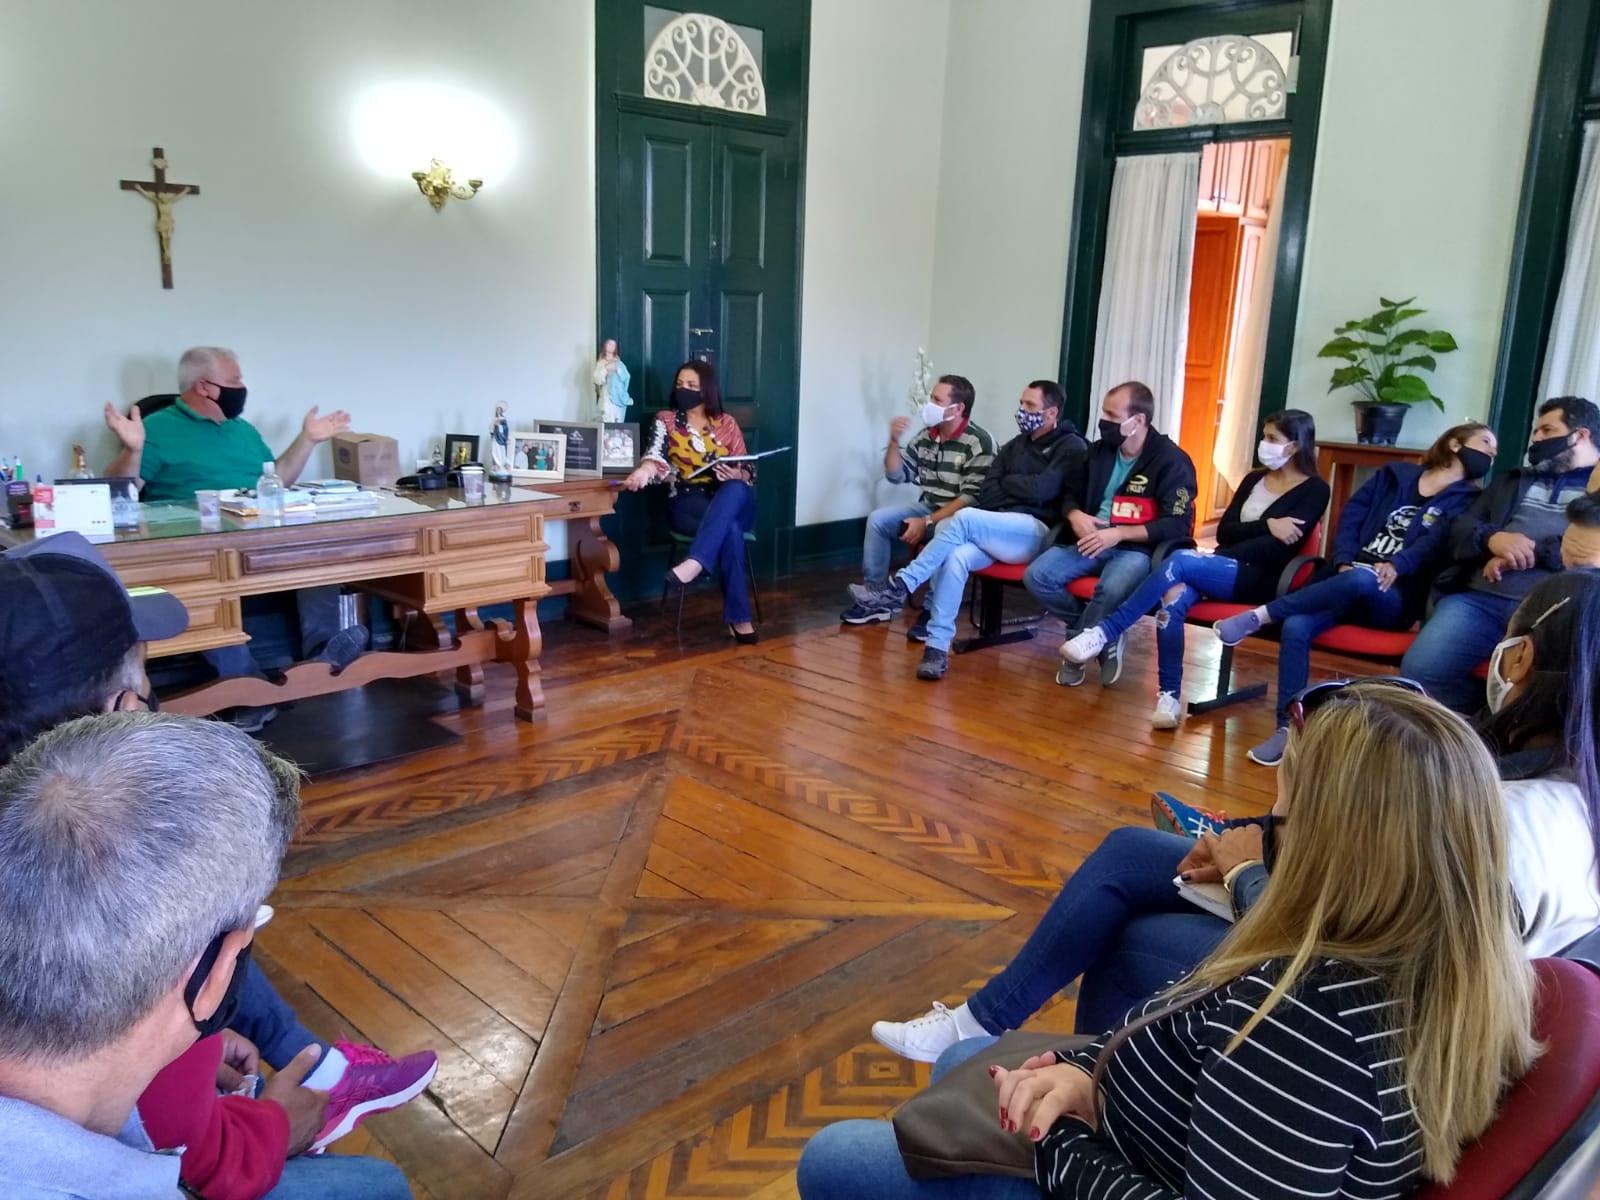 Empresários da cidade se reuniram com o prefeito Luterbach para decidir a flexibilização (Divulgação)